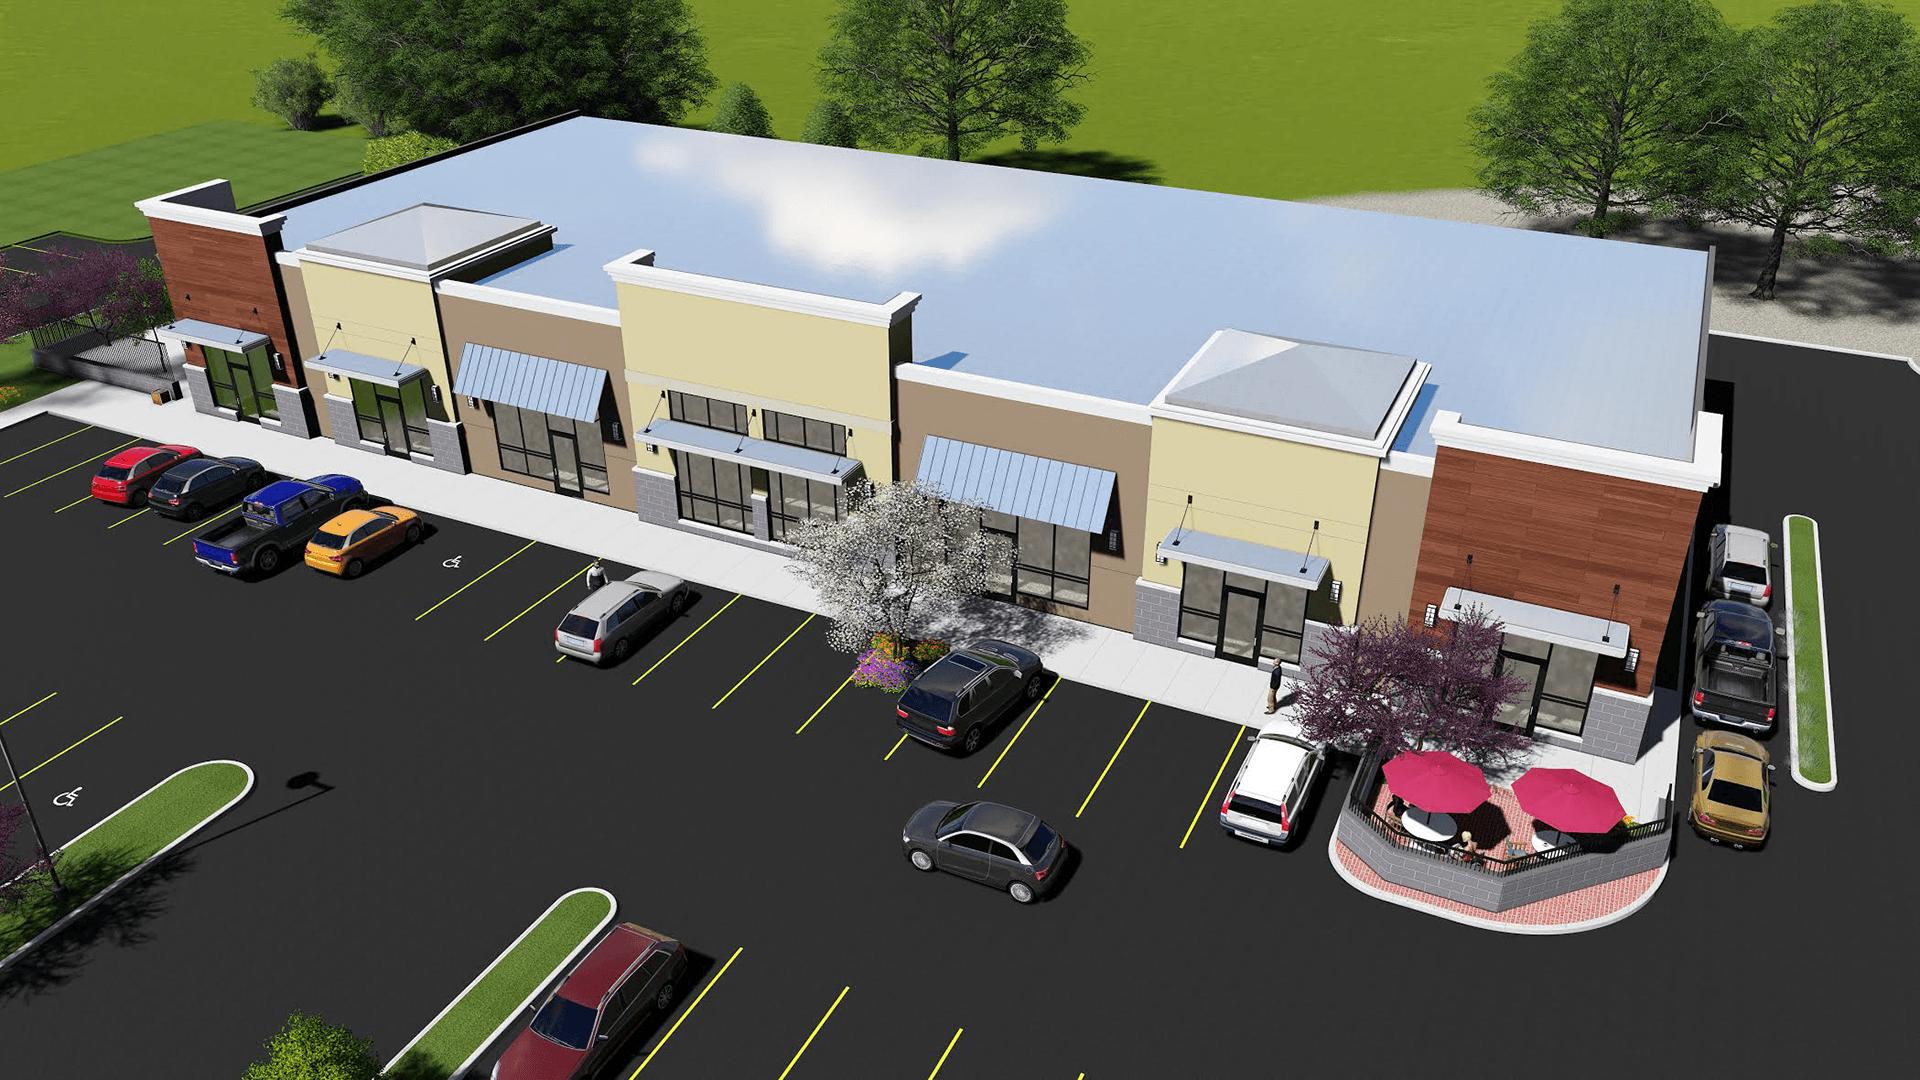 New life for Gem Lake retail center